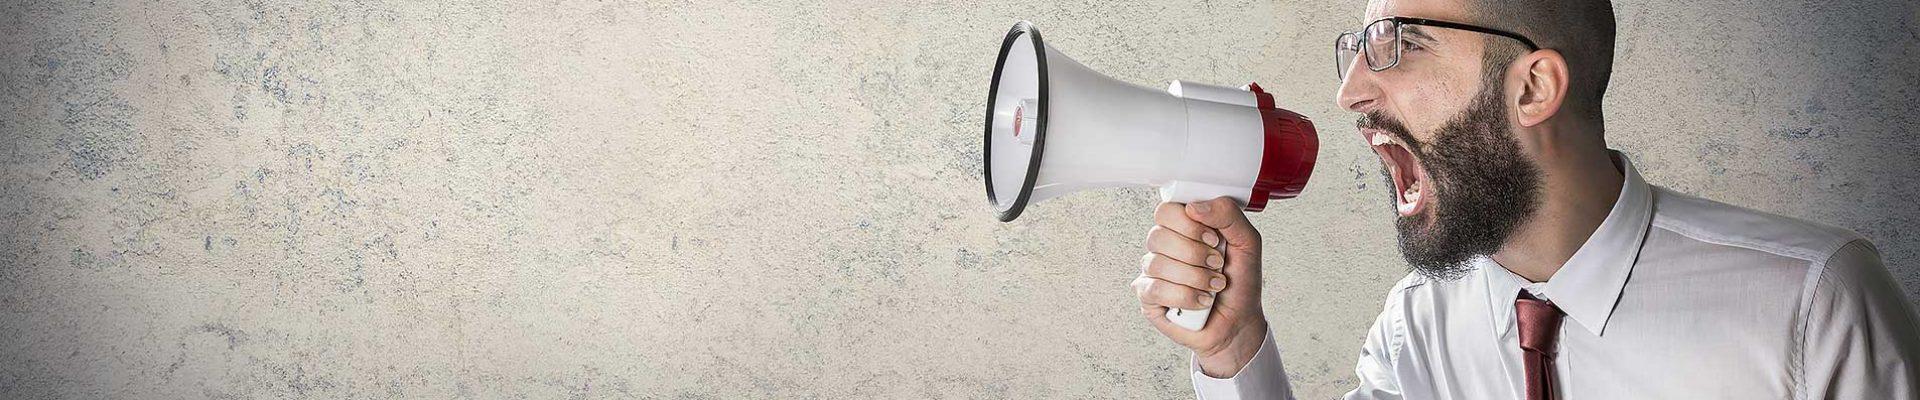 Management von Marketing Kampagnen - Kampagnenmanagement ist ein wichtiges Element Ihres Marketings